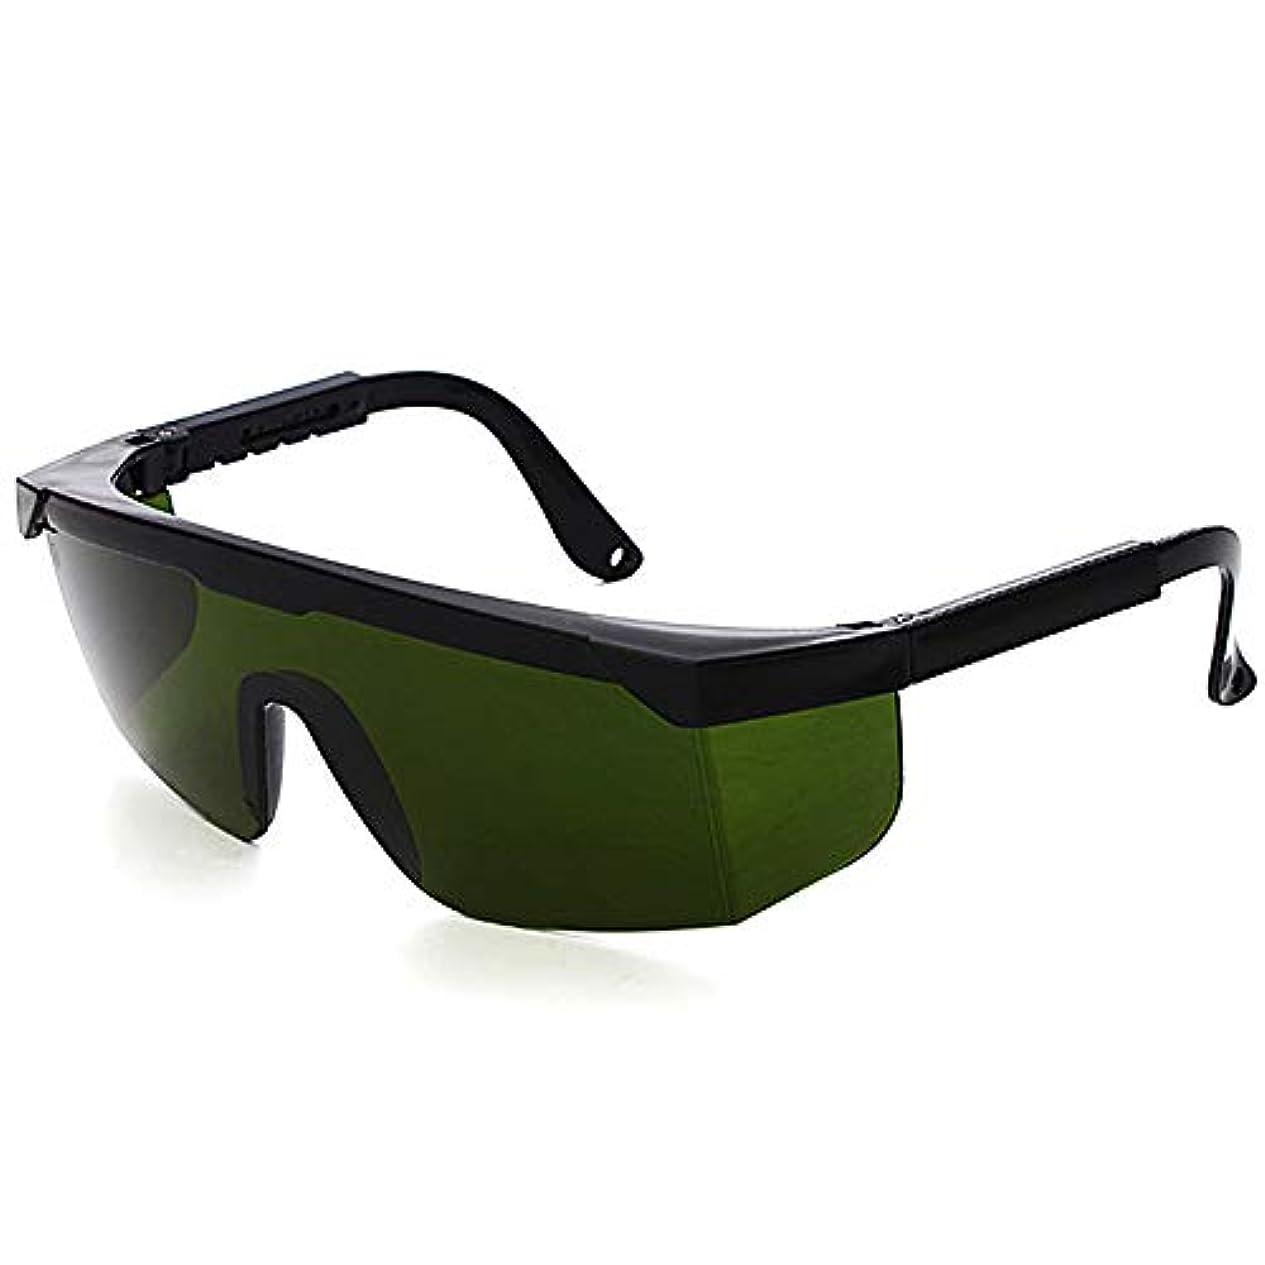 参加する子供時代逃れるJiayaofu レーザー保護メガネIPL美容機器メガネレーザーペアIPLメガネ、安全メガネ